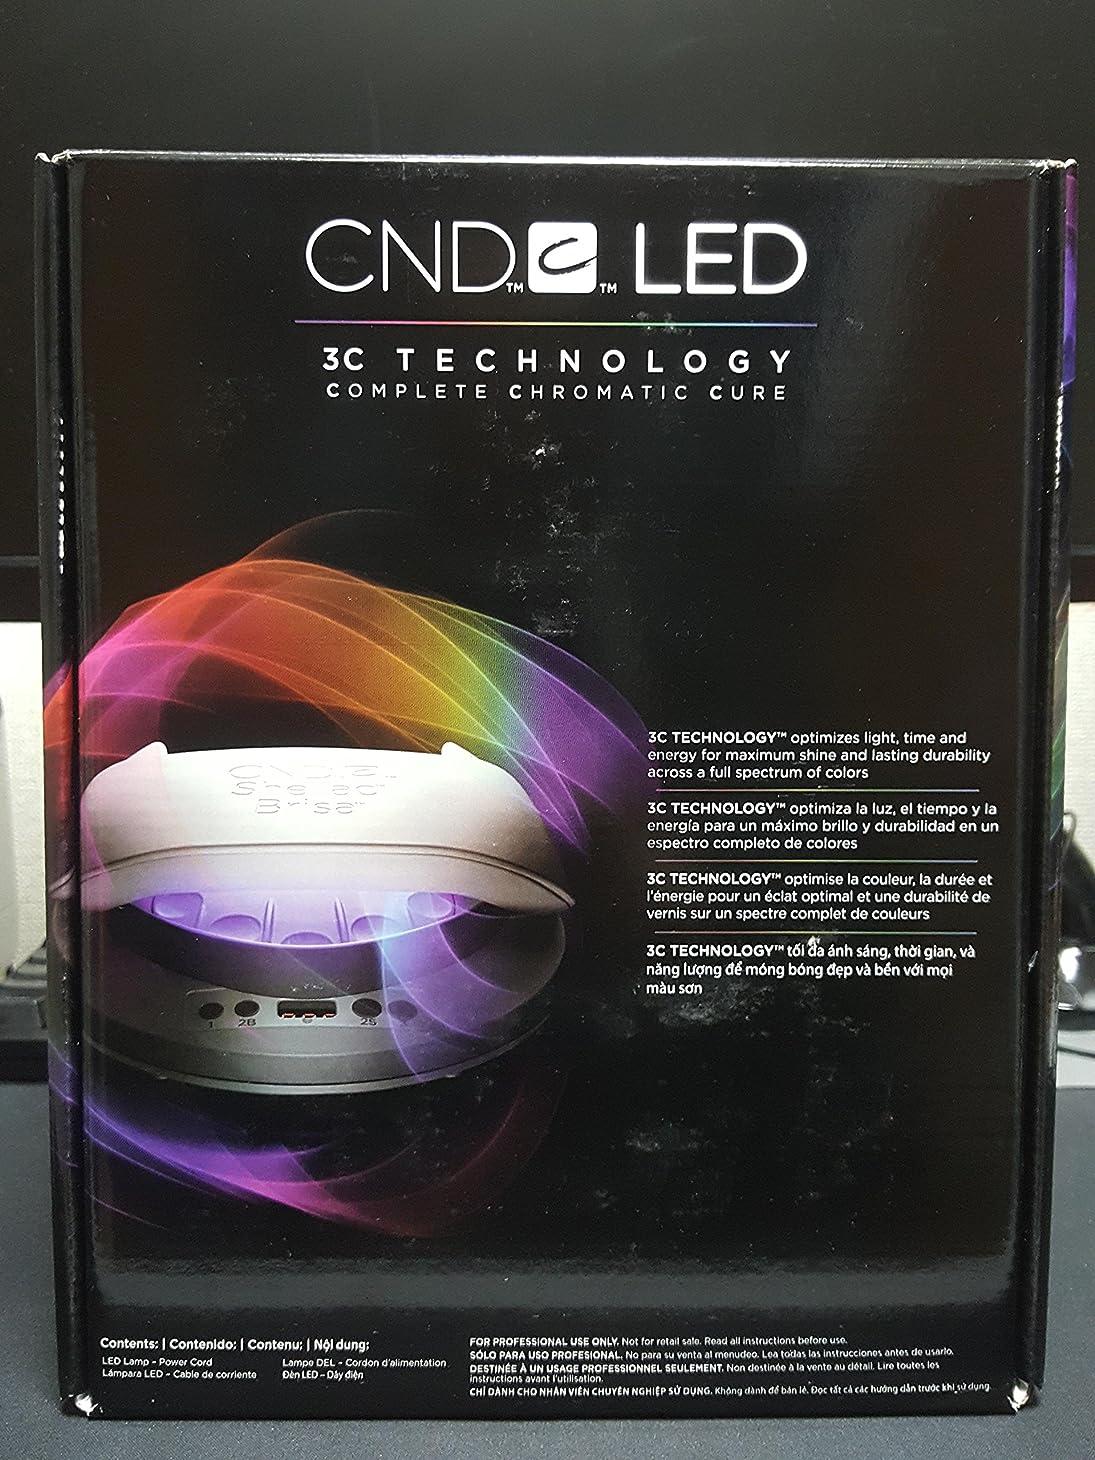 自明透明に成熟CND LED Nail Lamp Light Gel Shellac 110-240V [並行輸入品]